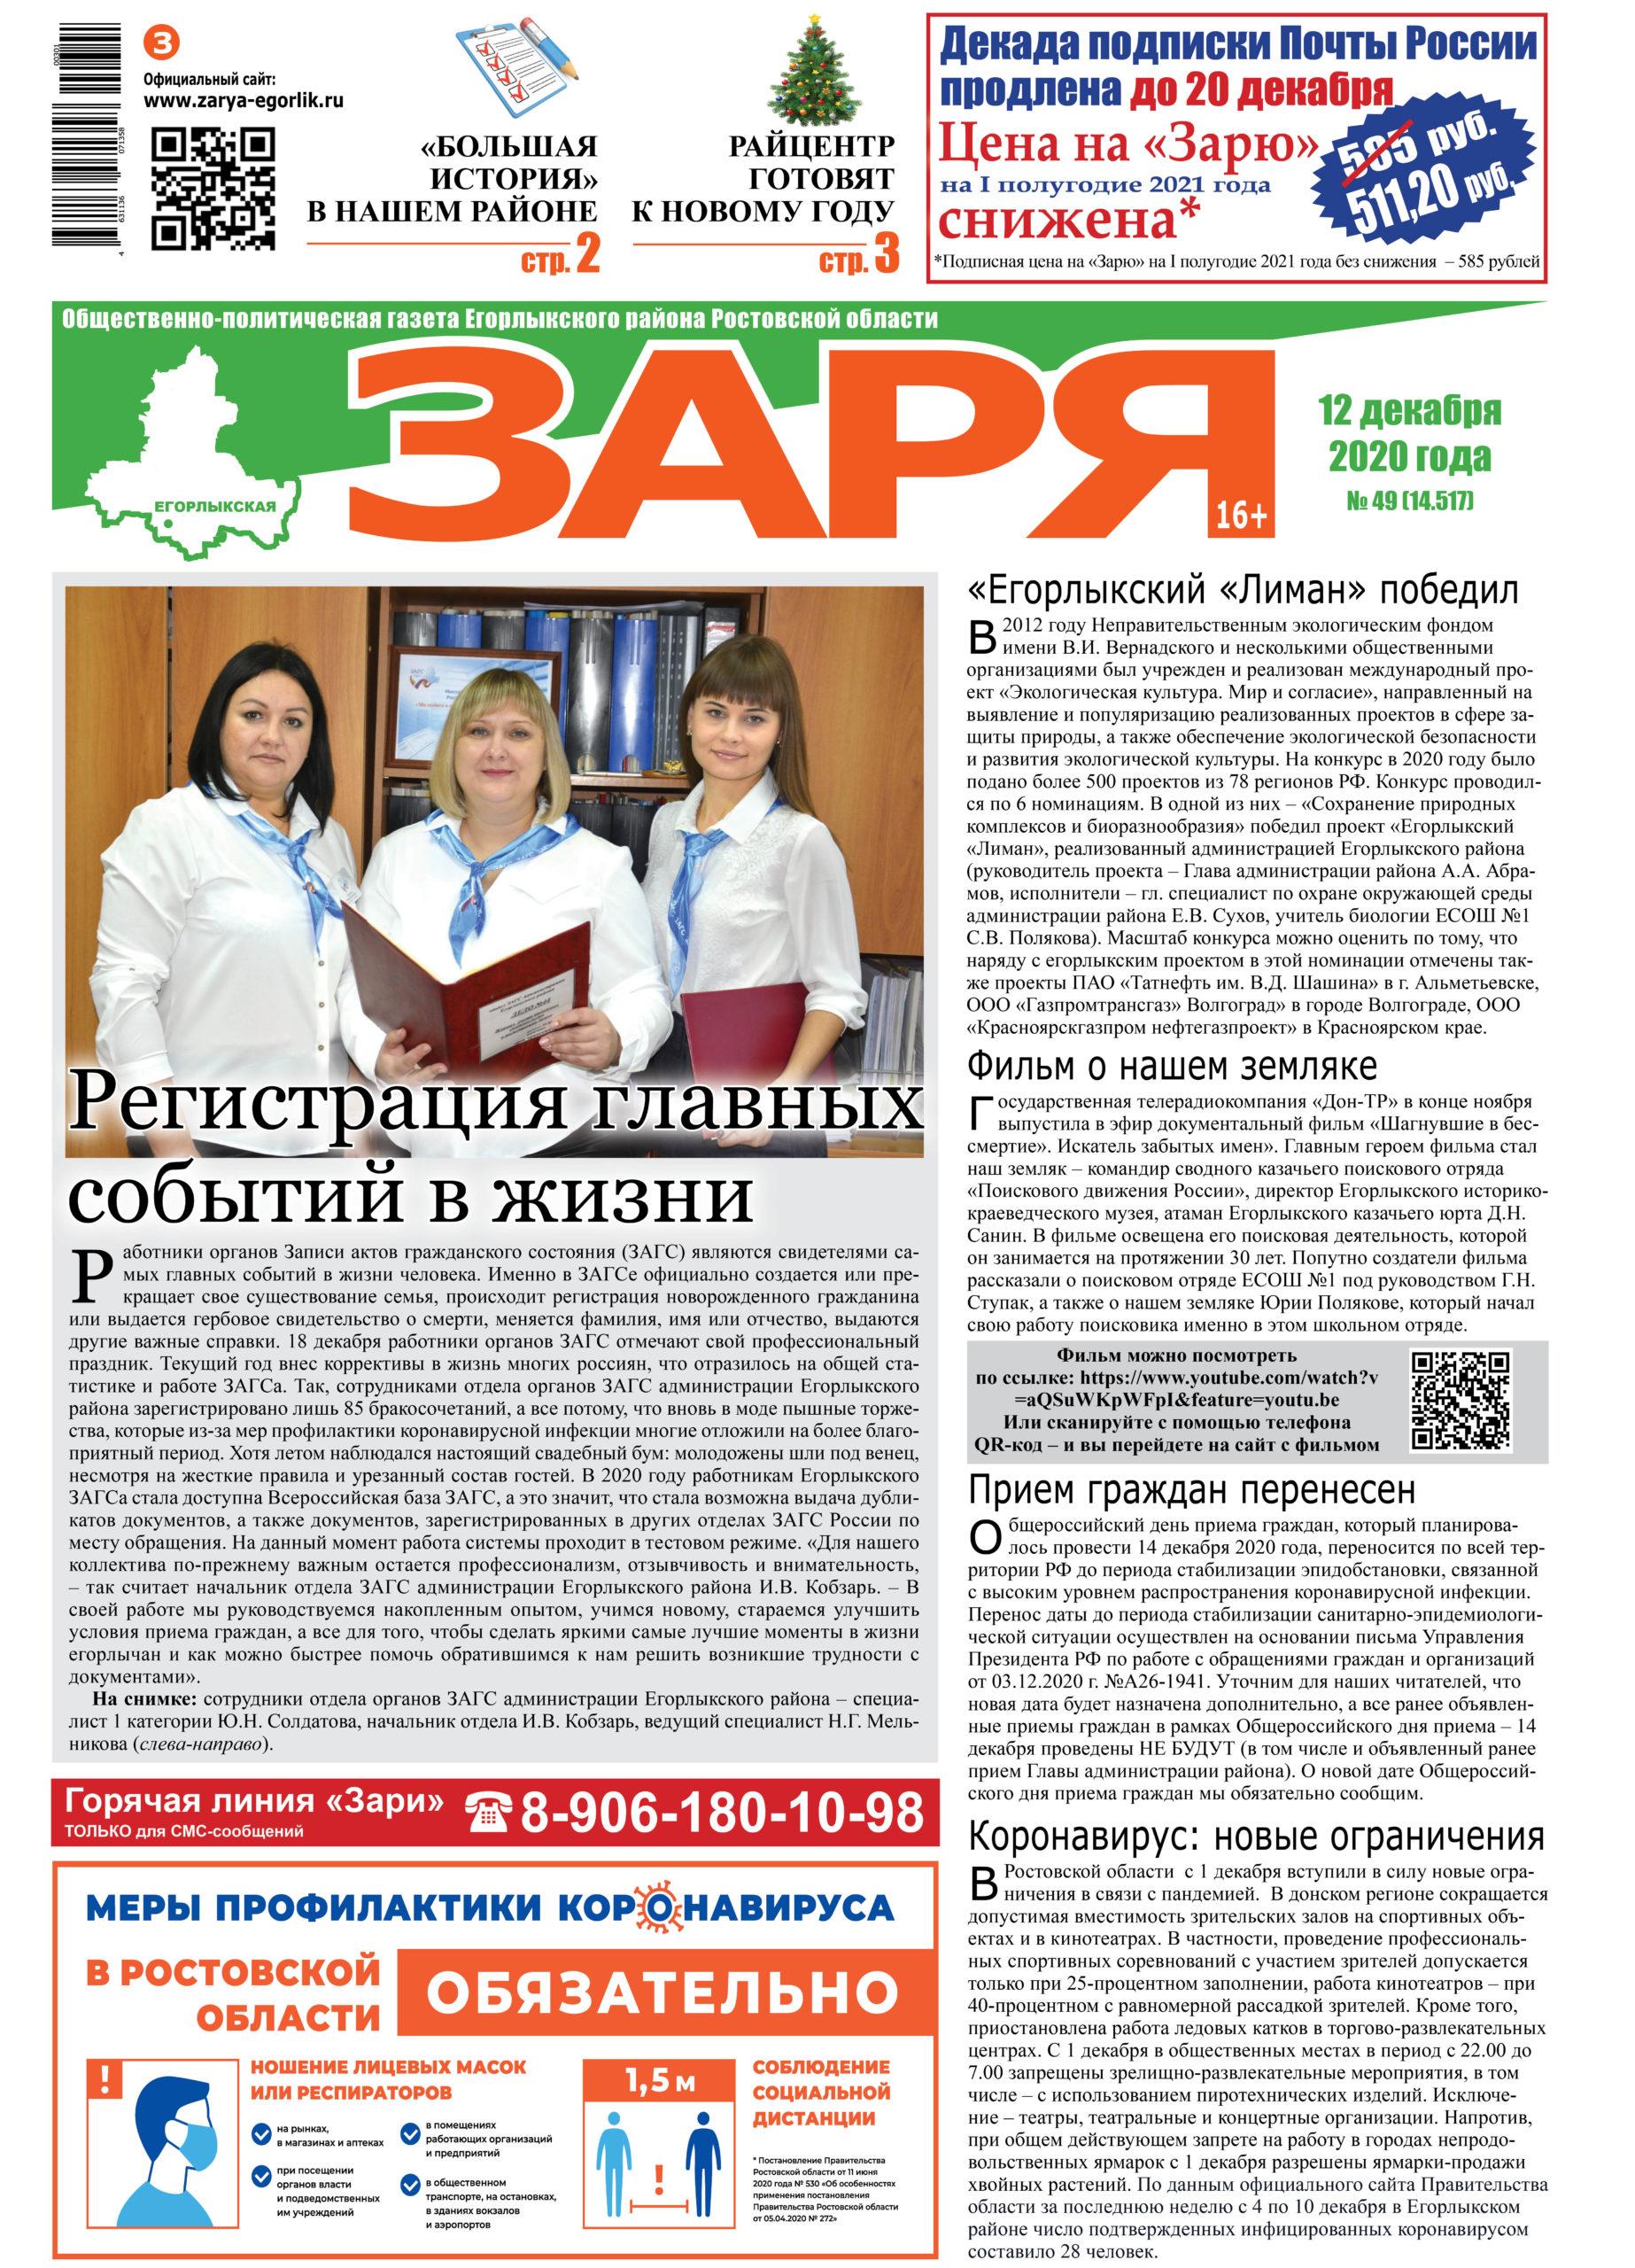 Новый номер газеты «Заря» от 12 декабря уже в продаже!